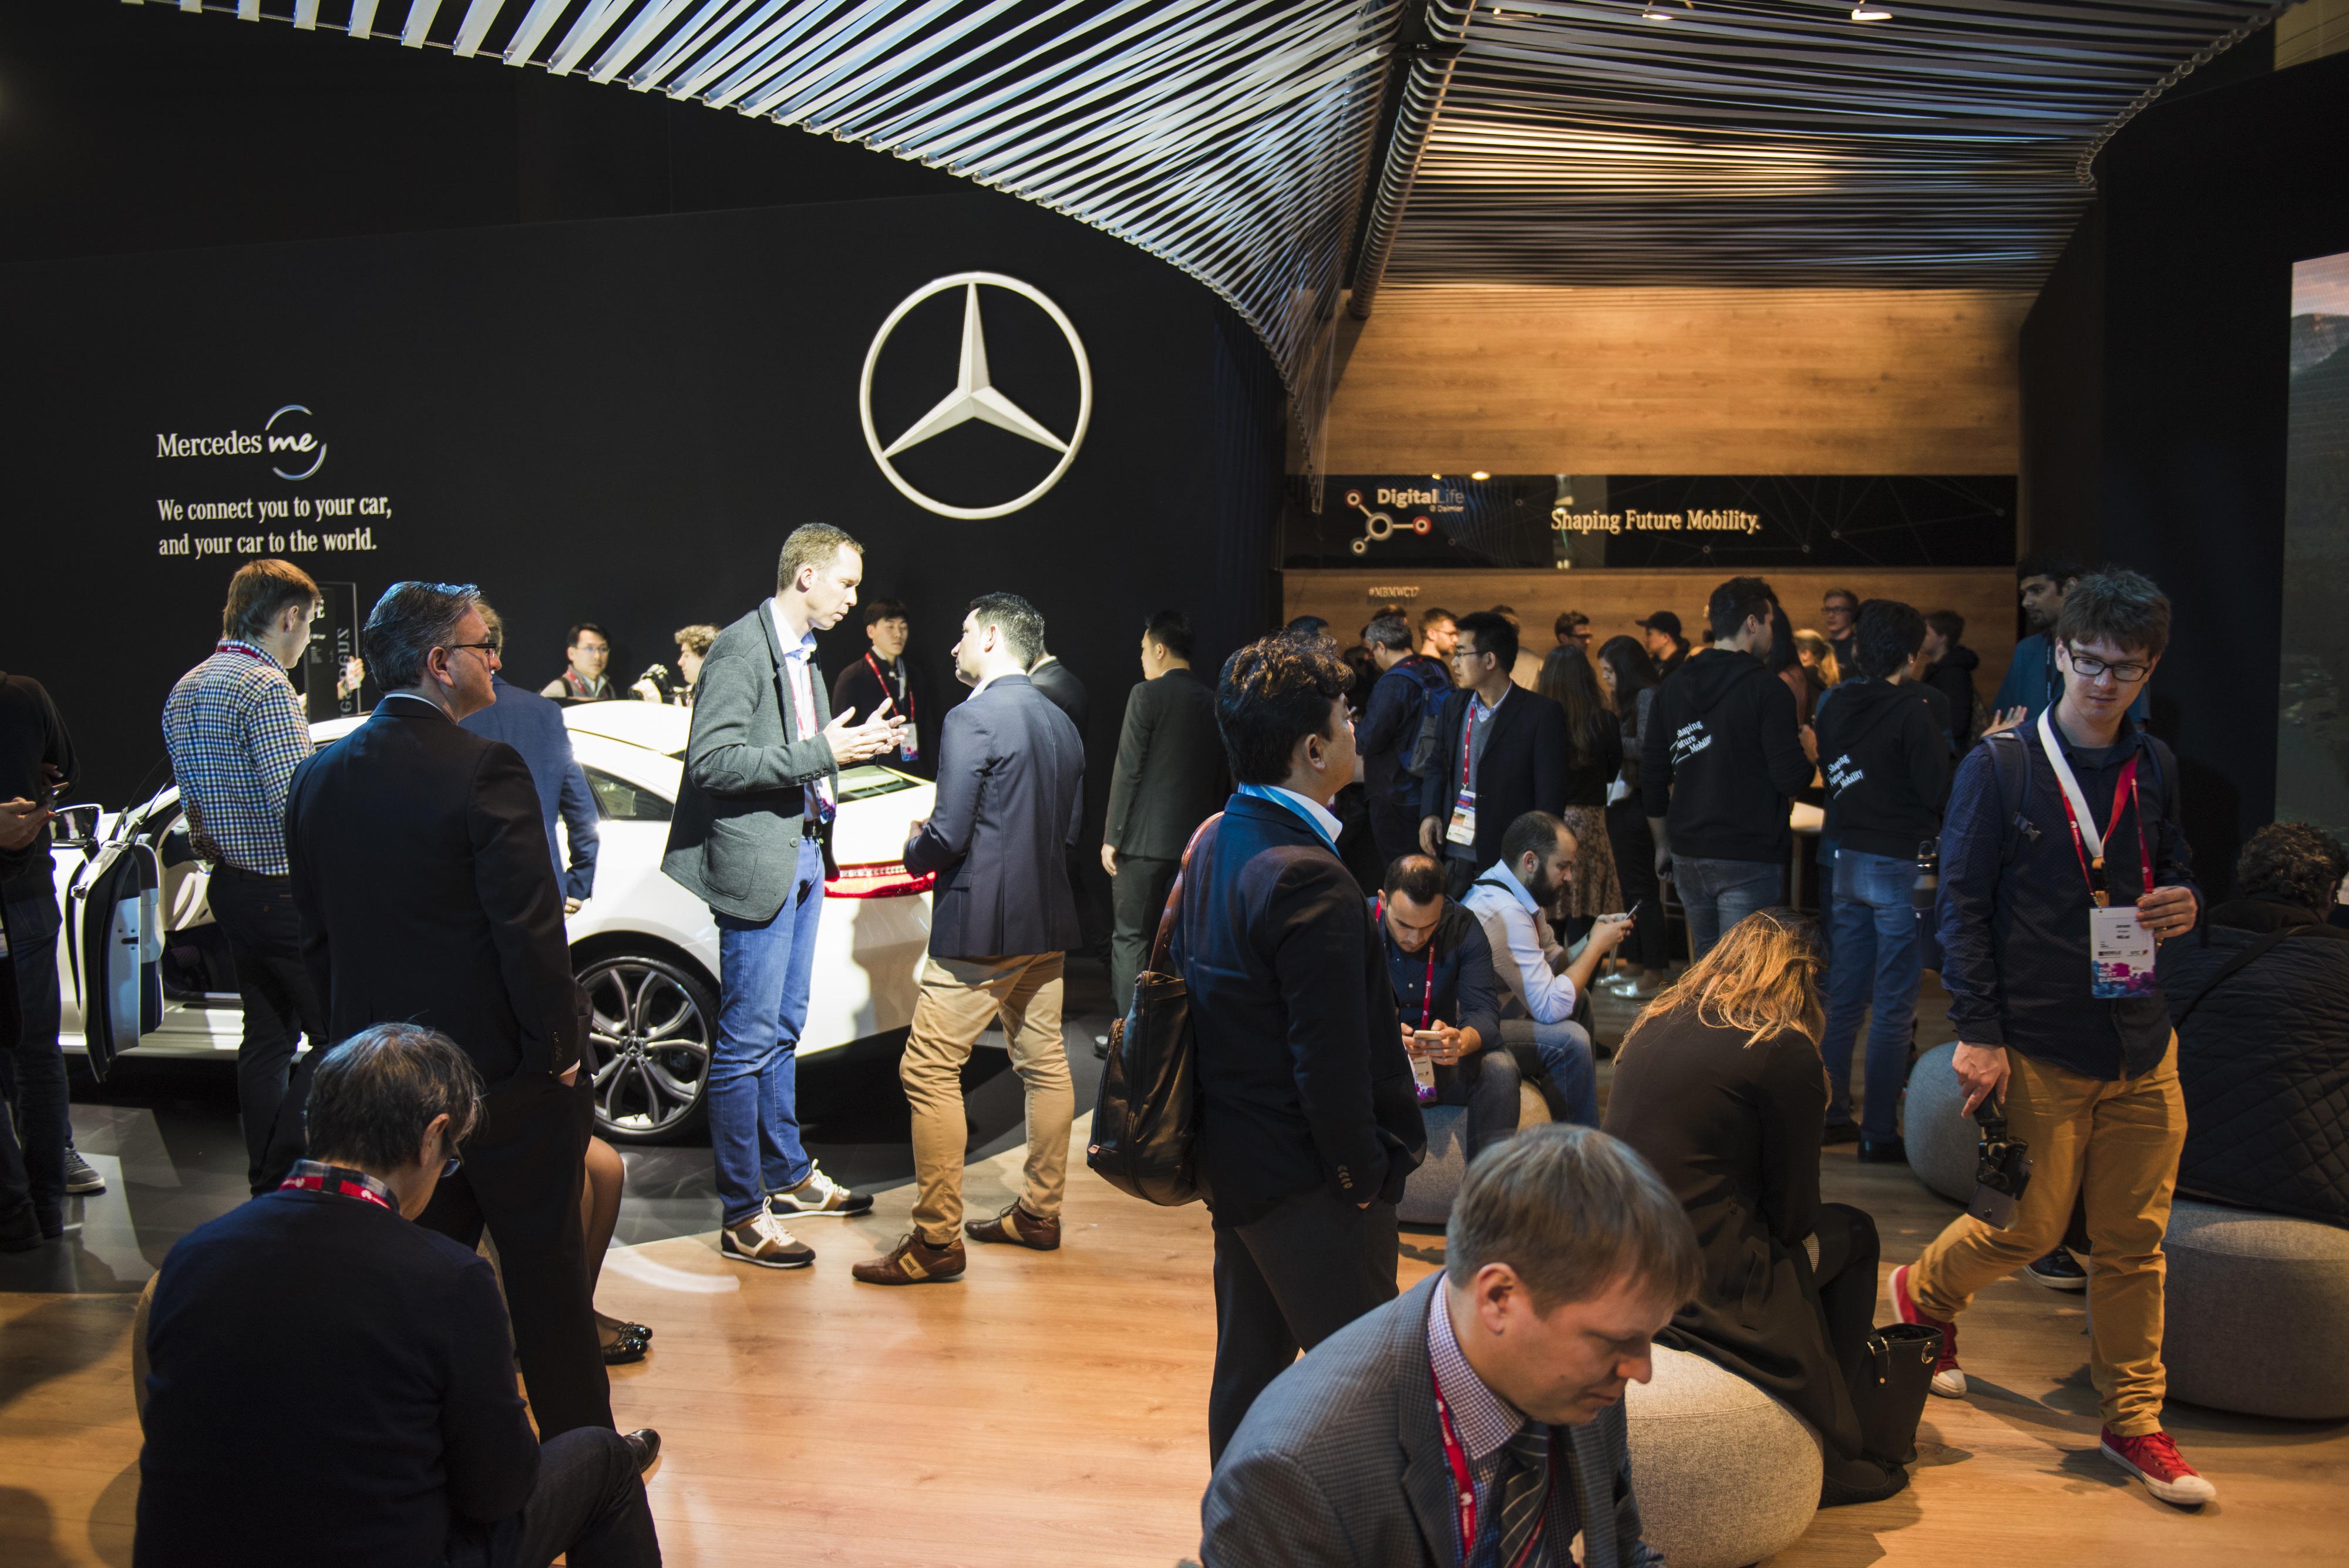 Mercedes-Benz auf dem Mobile World Congress 2017